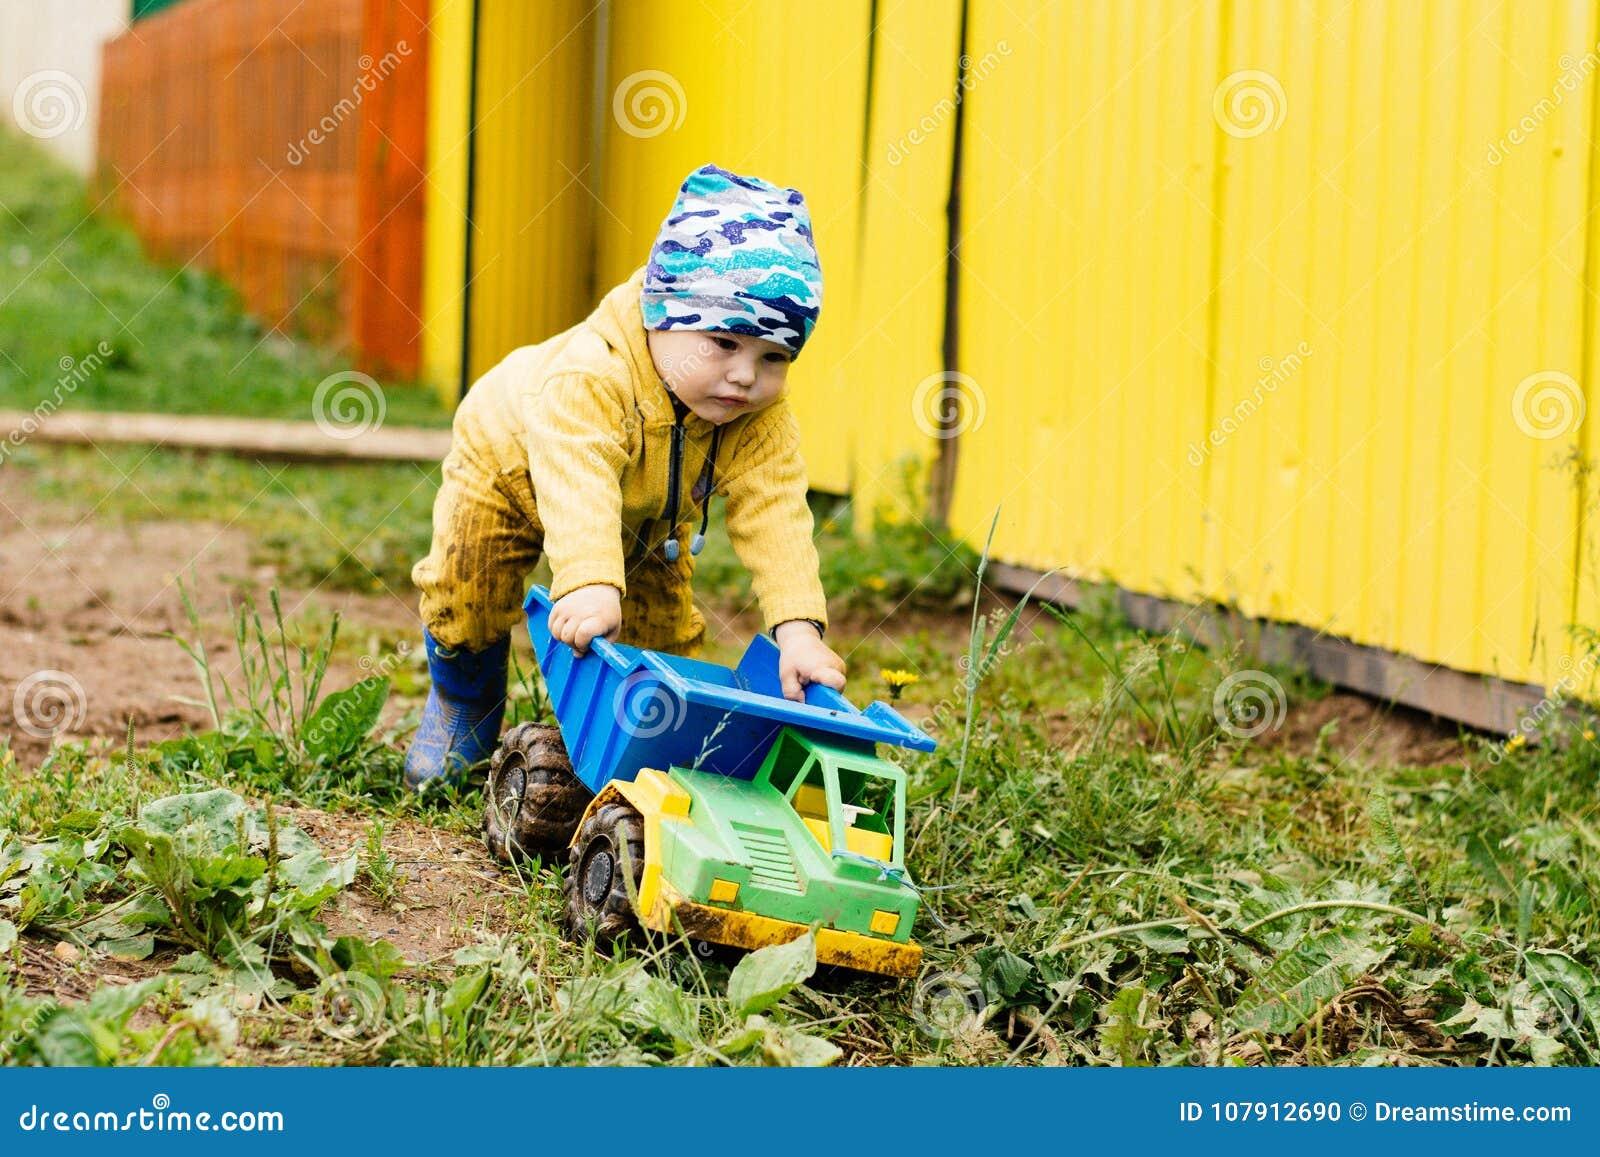 Pojken i den gula dräkten som spelar med en leksakbil i smutsen